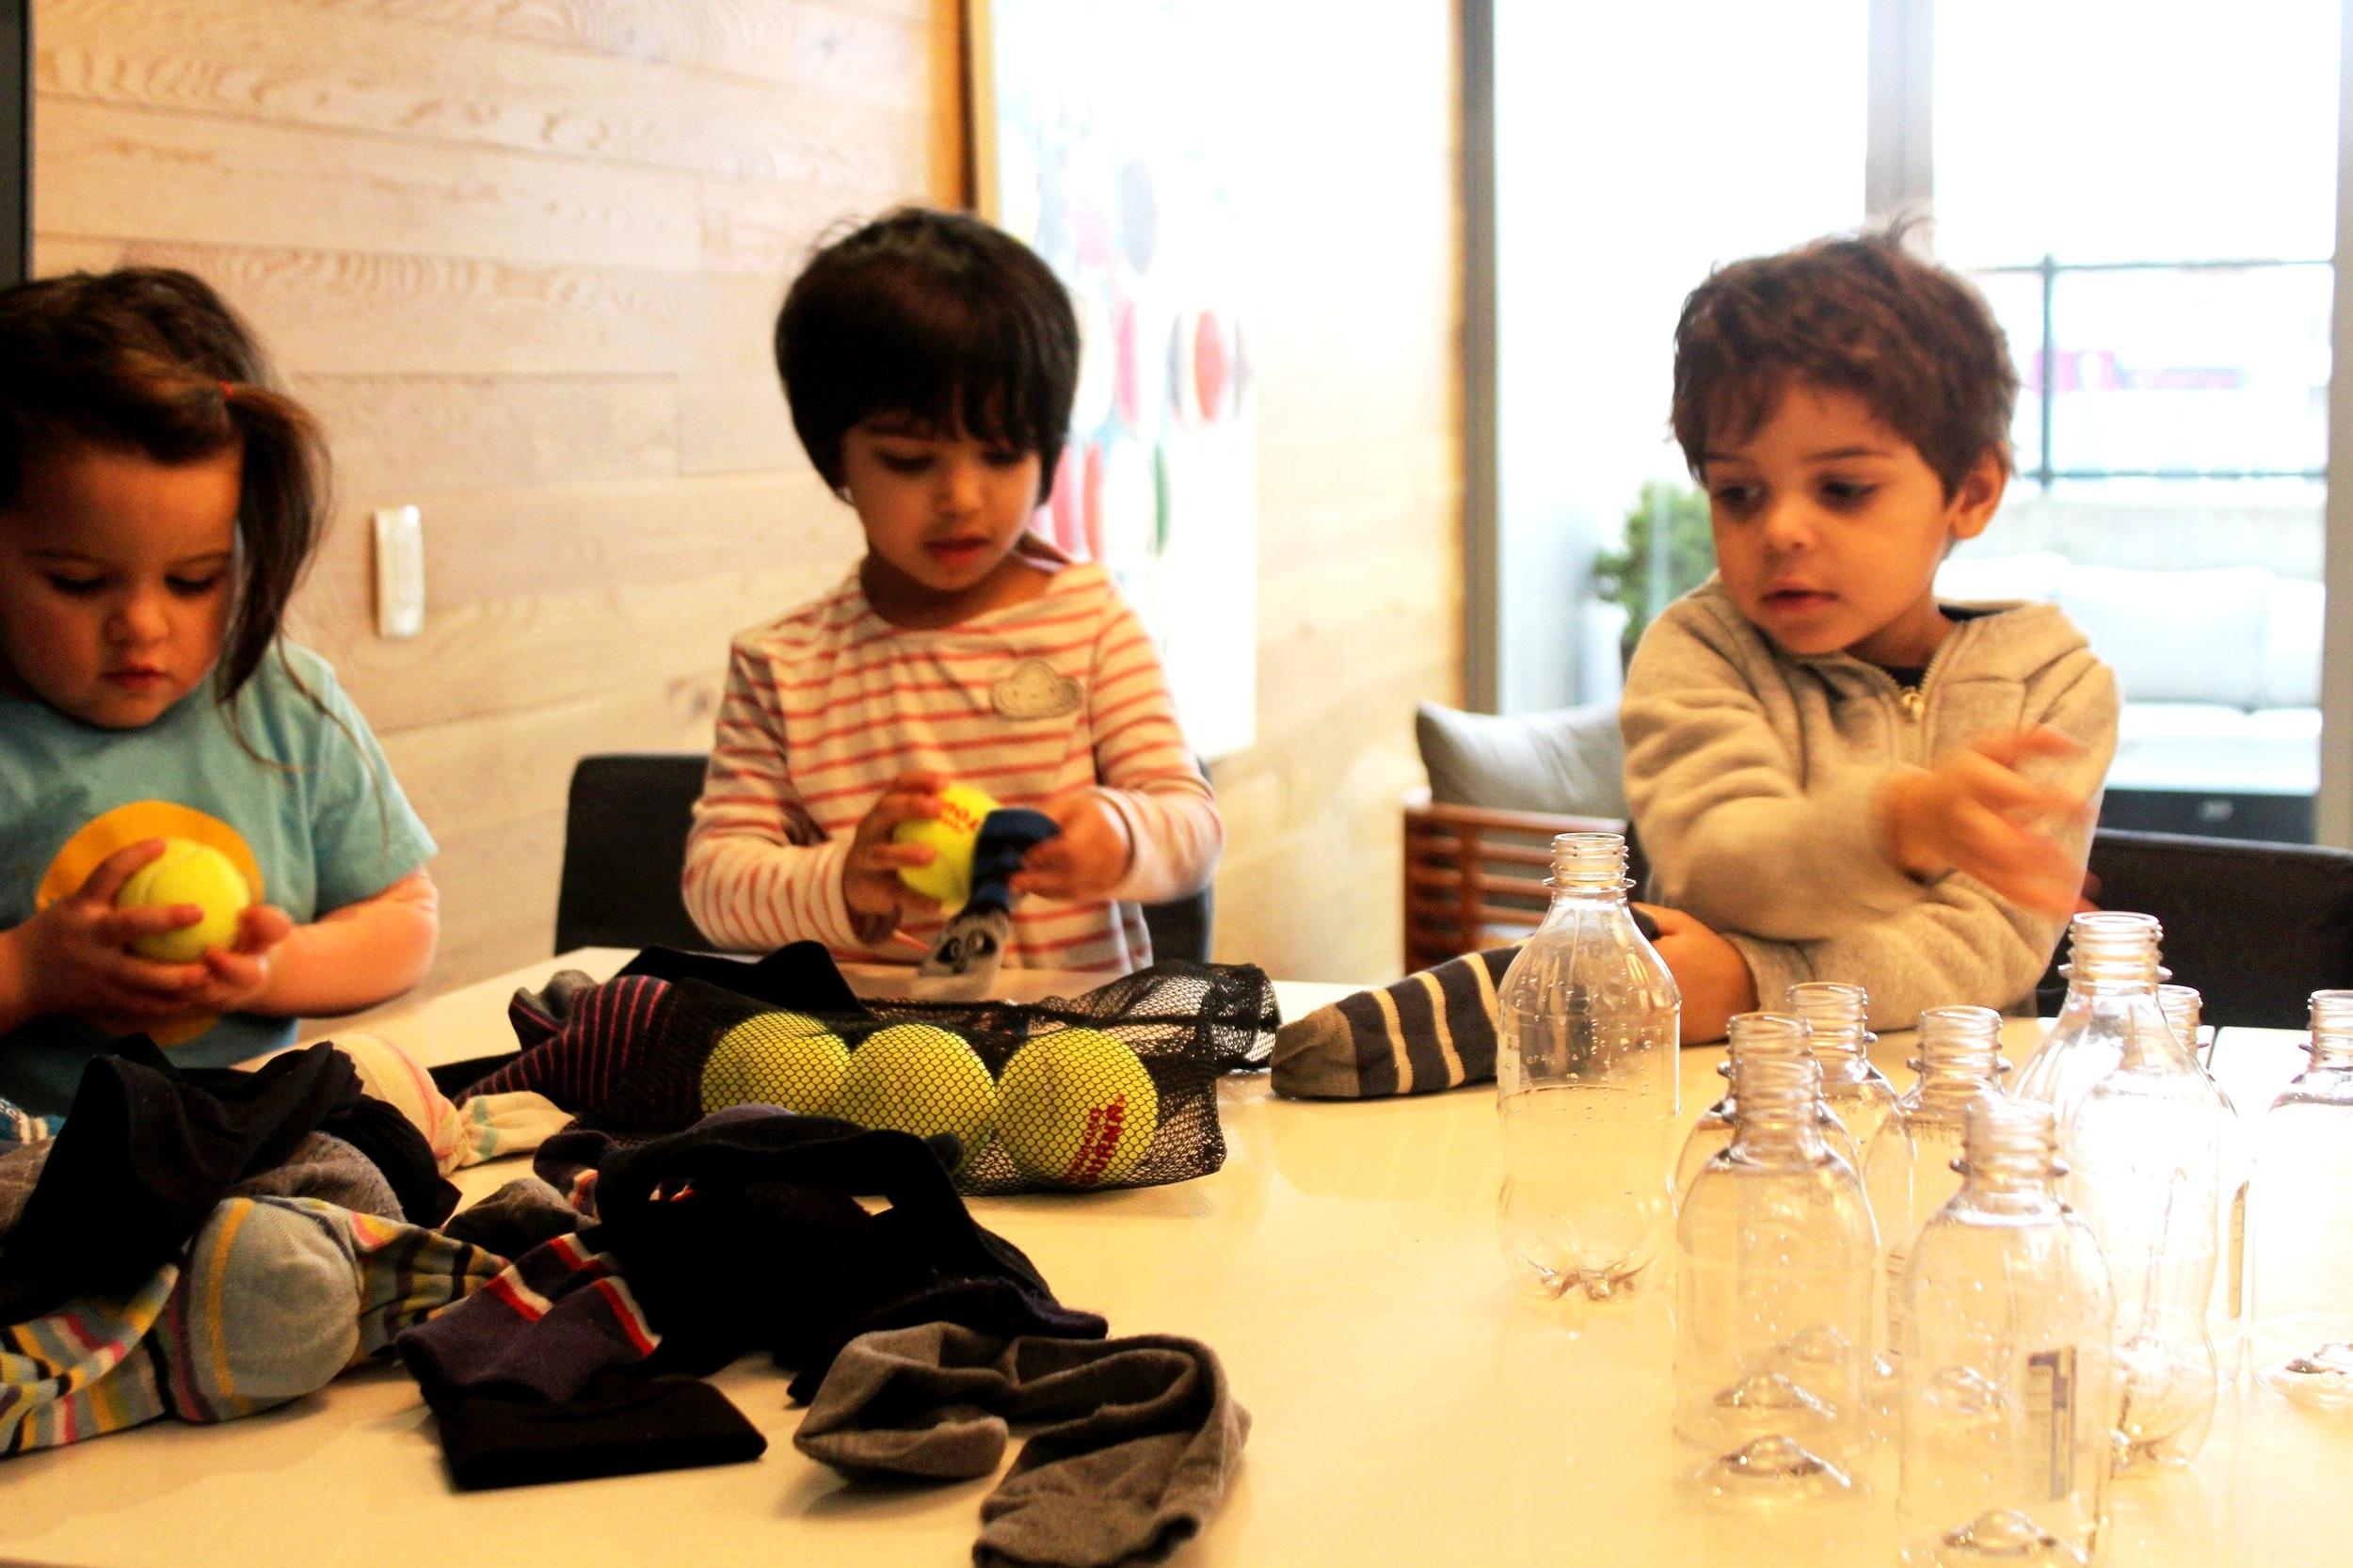 Kids-Making-Dog-Toys-Swirl.jpg